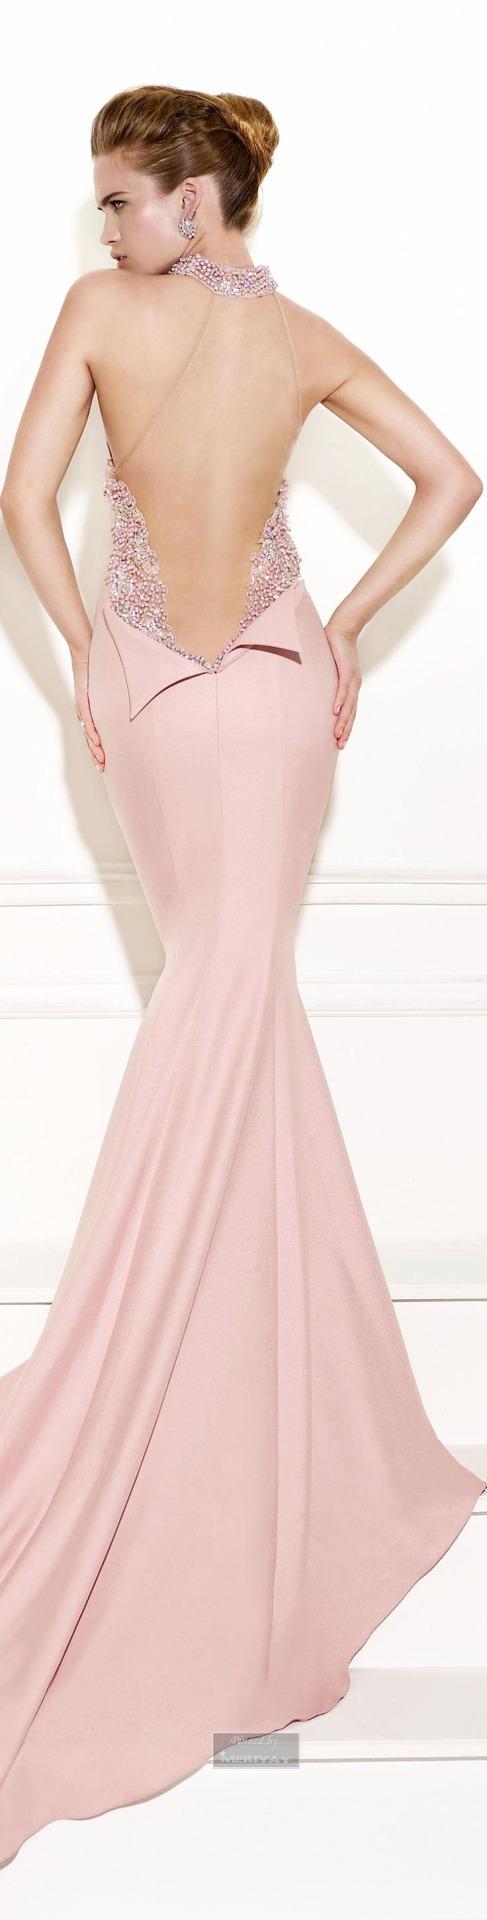 Pin de Mariavilla en vestidos largos | Pinterest | Vestidos de noche ...